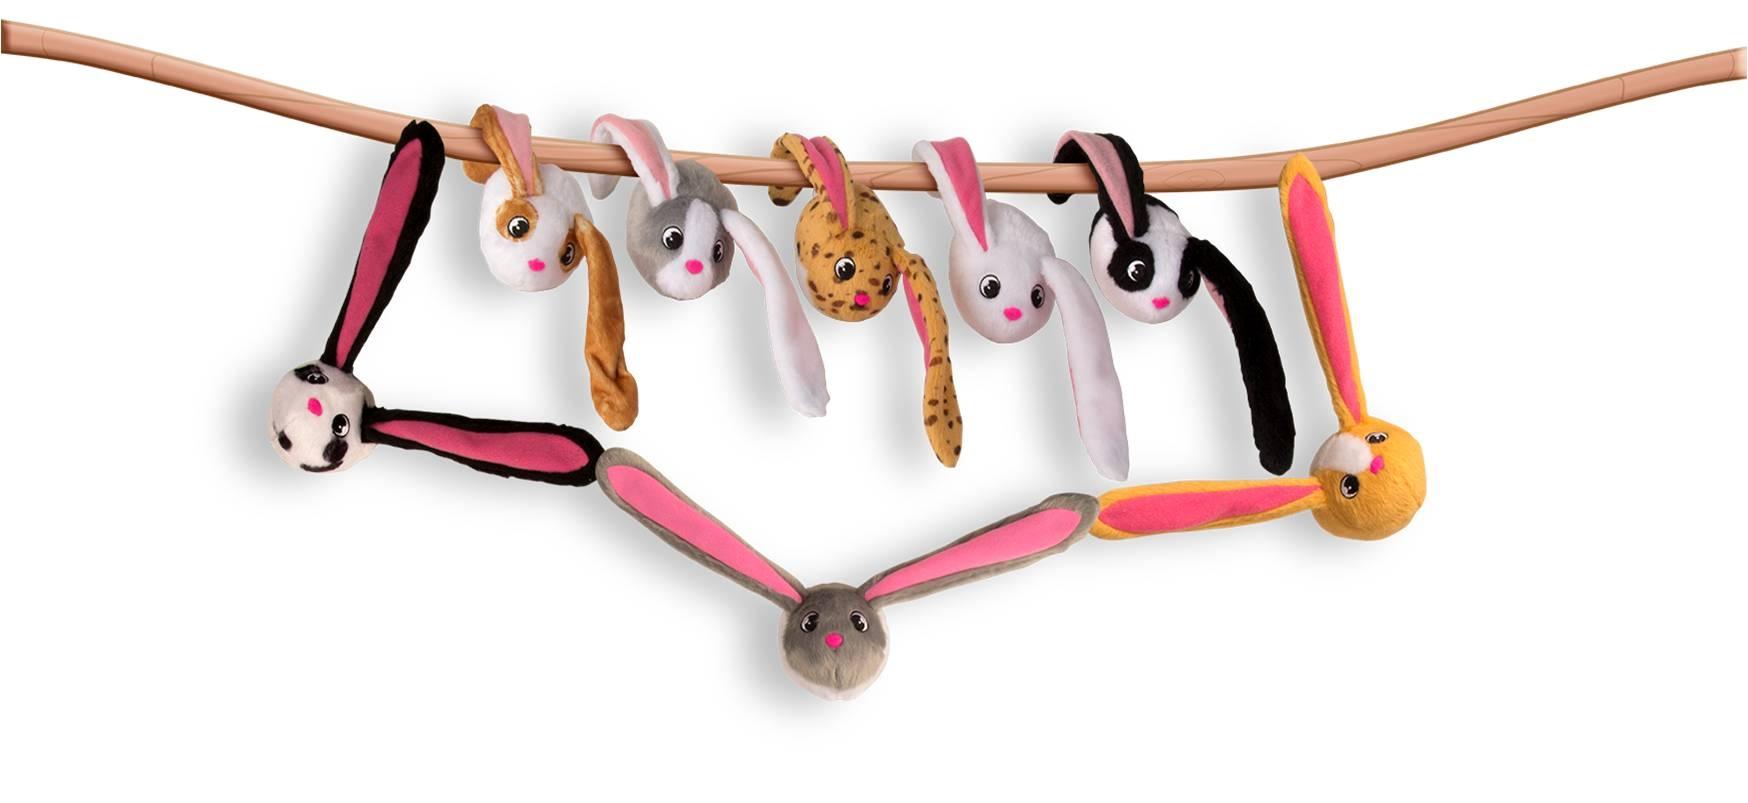 Мягкие игрушки ABtoys Мягкая игрушка Bunnies «Кролик» с магнитами 9,5 см в асс. imc toys мягкая игрушка bunnies цвет черный белый 20 см